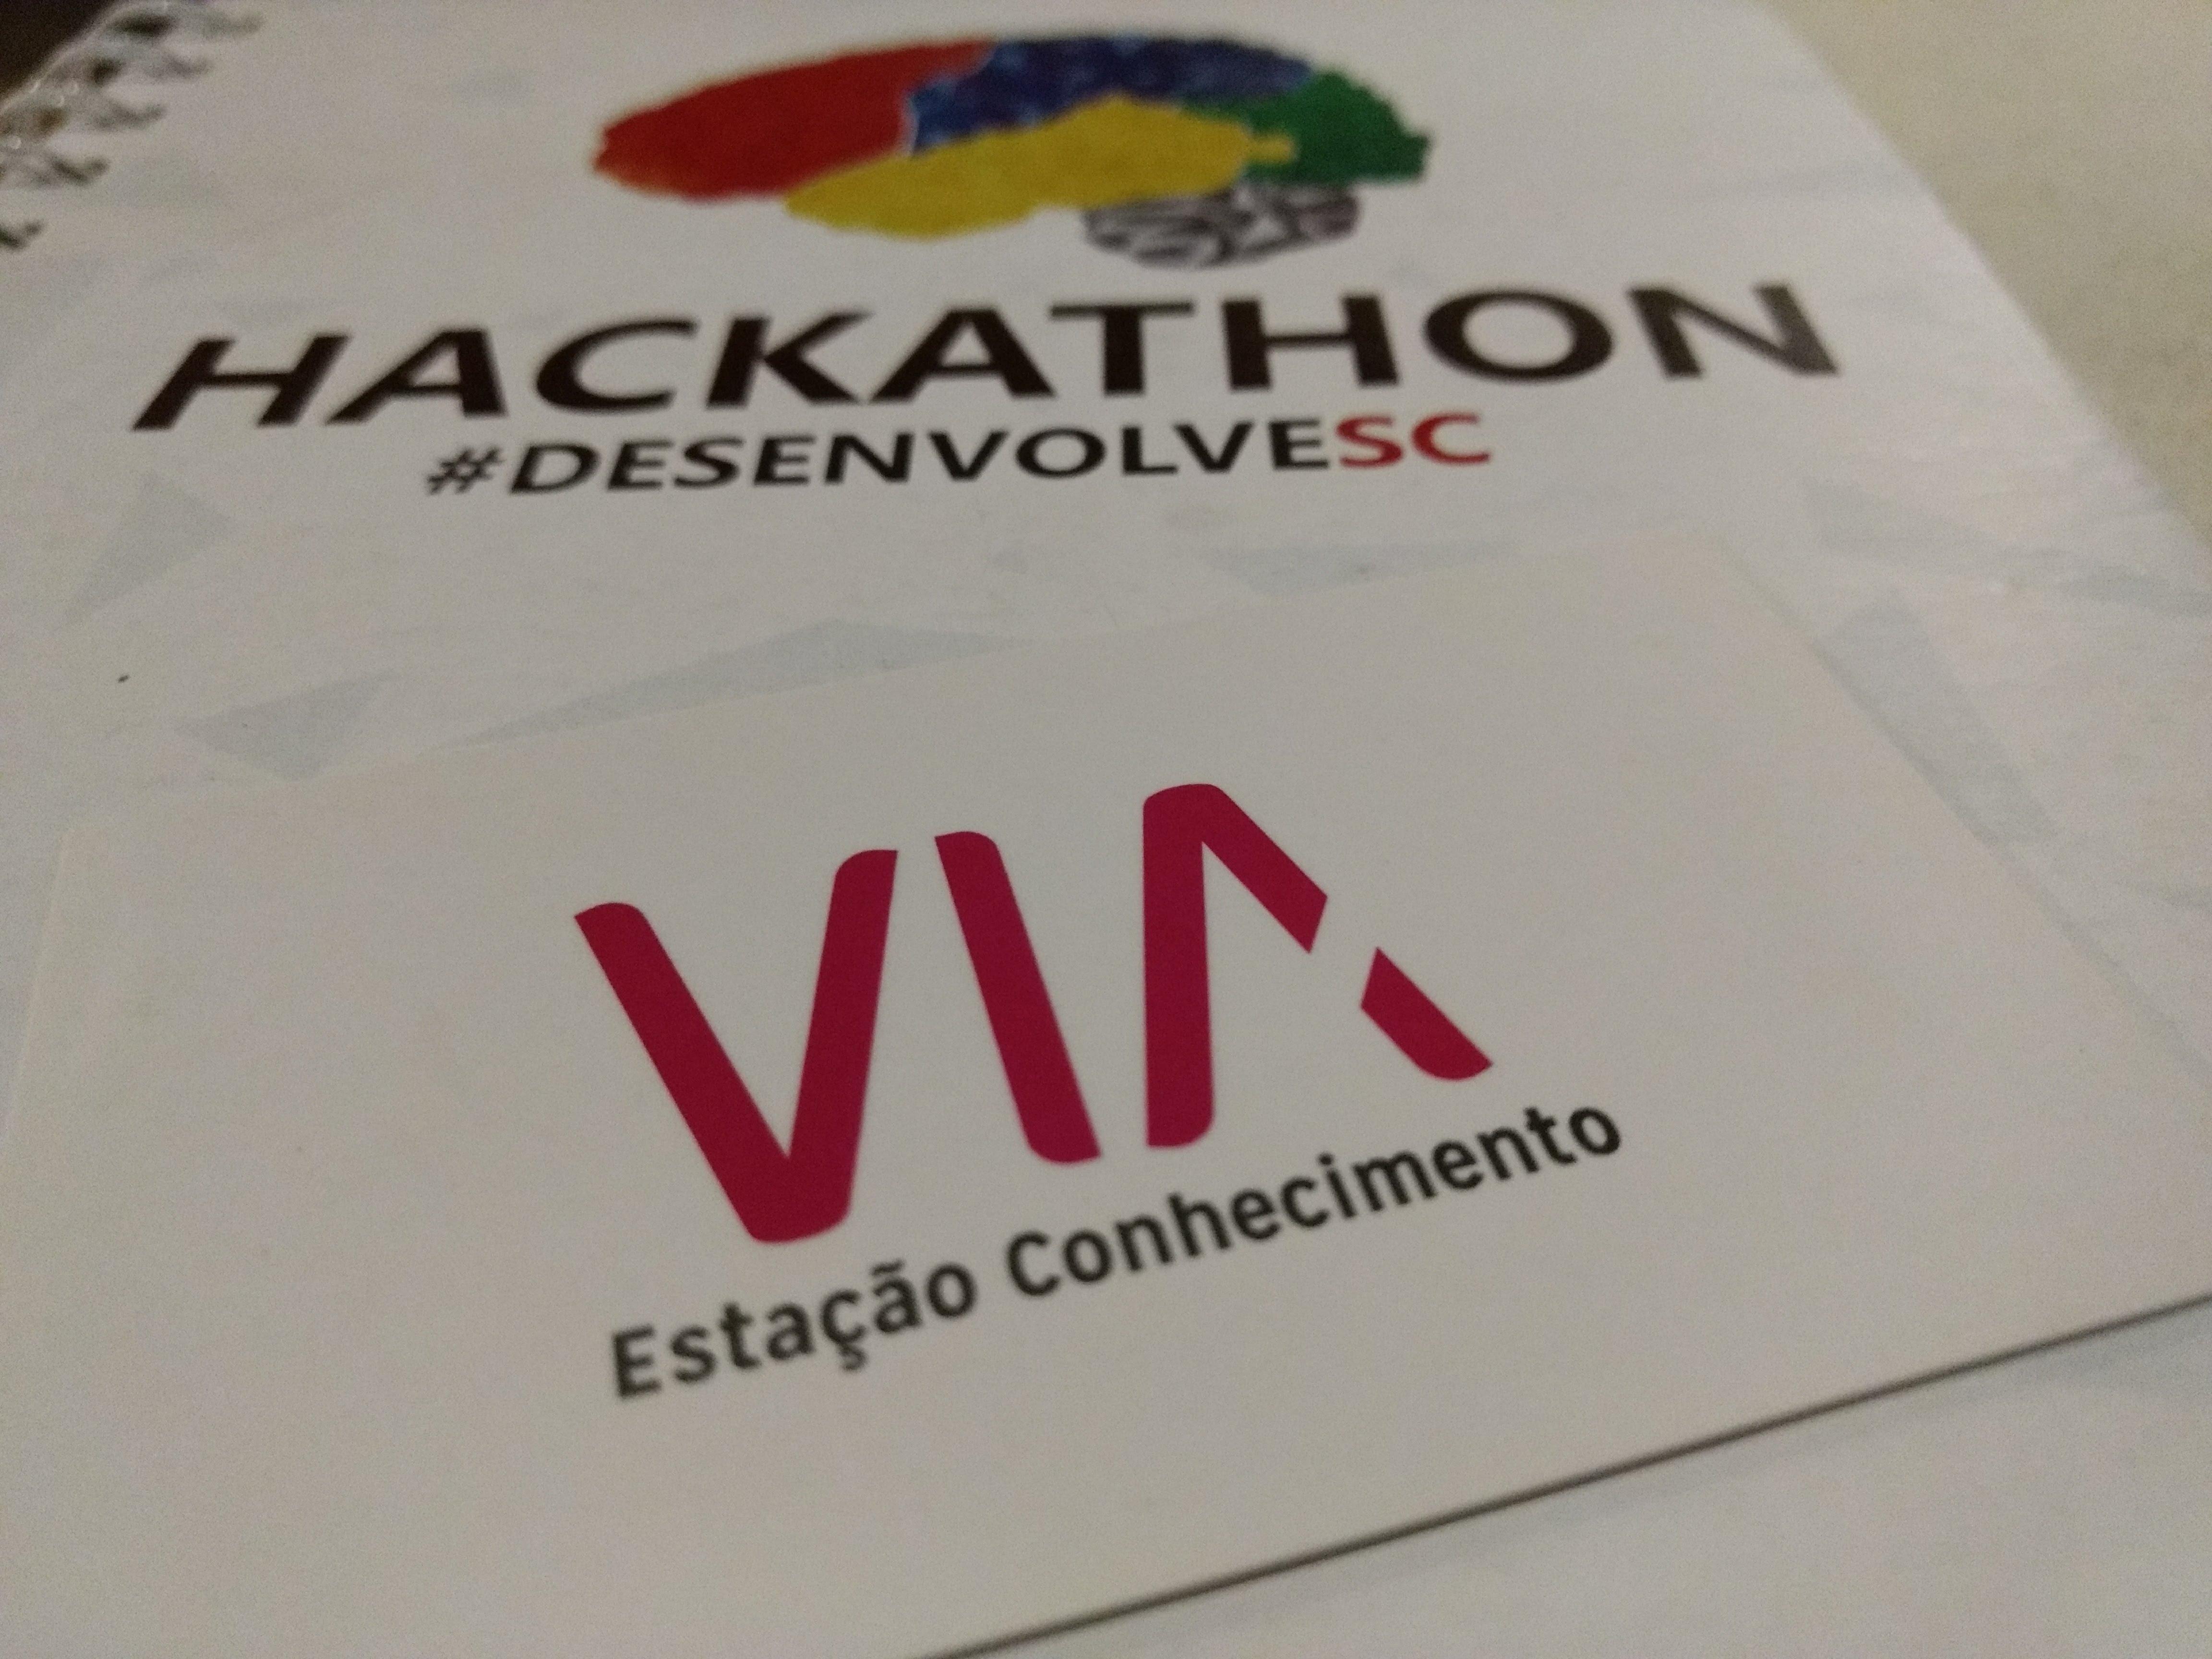 VIA E CIASC Se Reúnem Para Tratar Da Terceira Edição Do Hackathon #Desenvolve SC